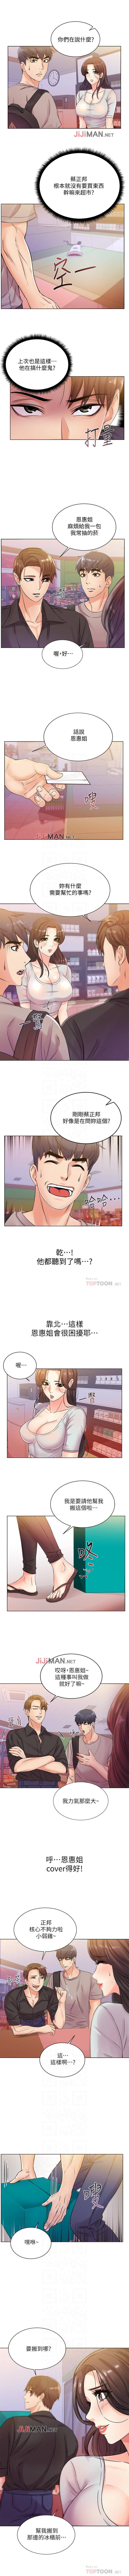 【周三连载】超市的漂亮姐姐(作者:北鼻&逃兵) 第1~40话 115